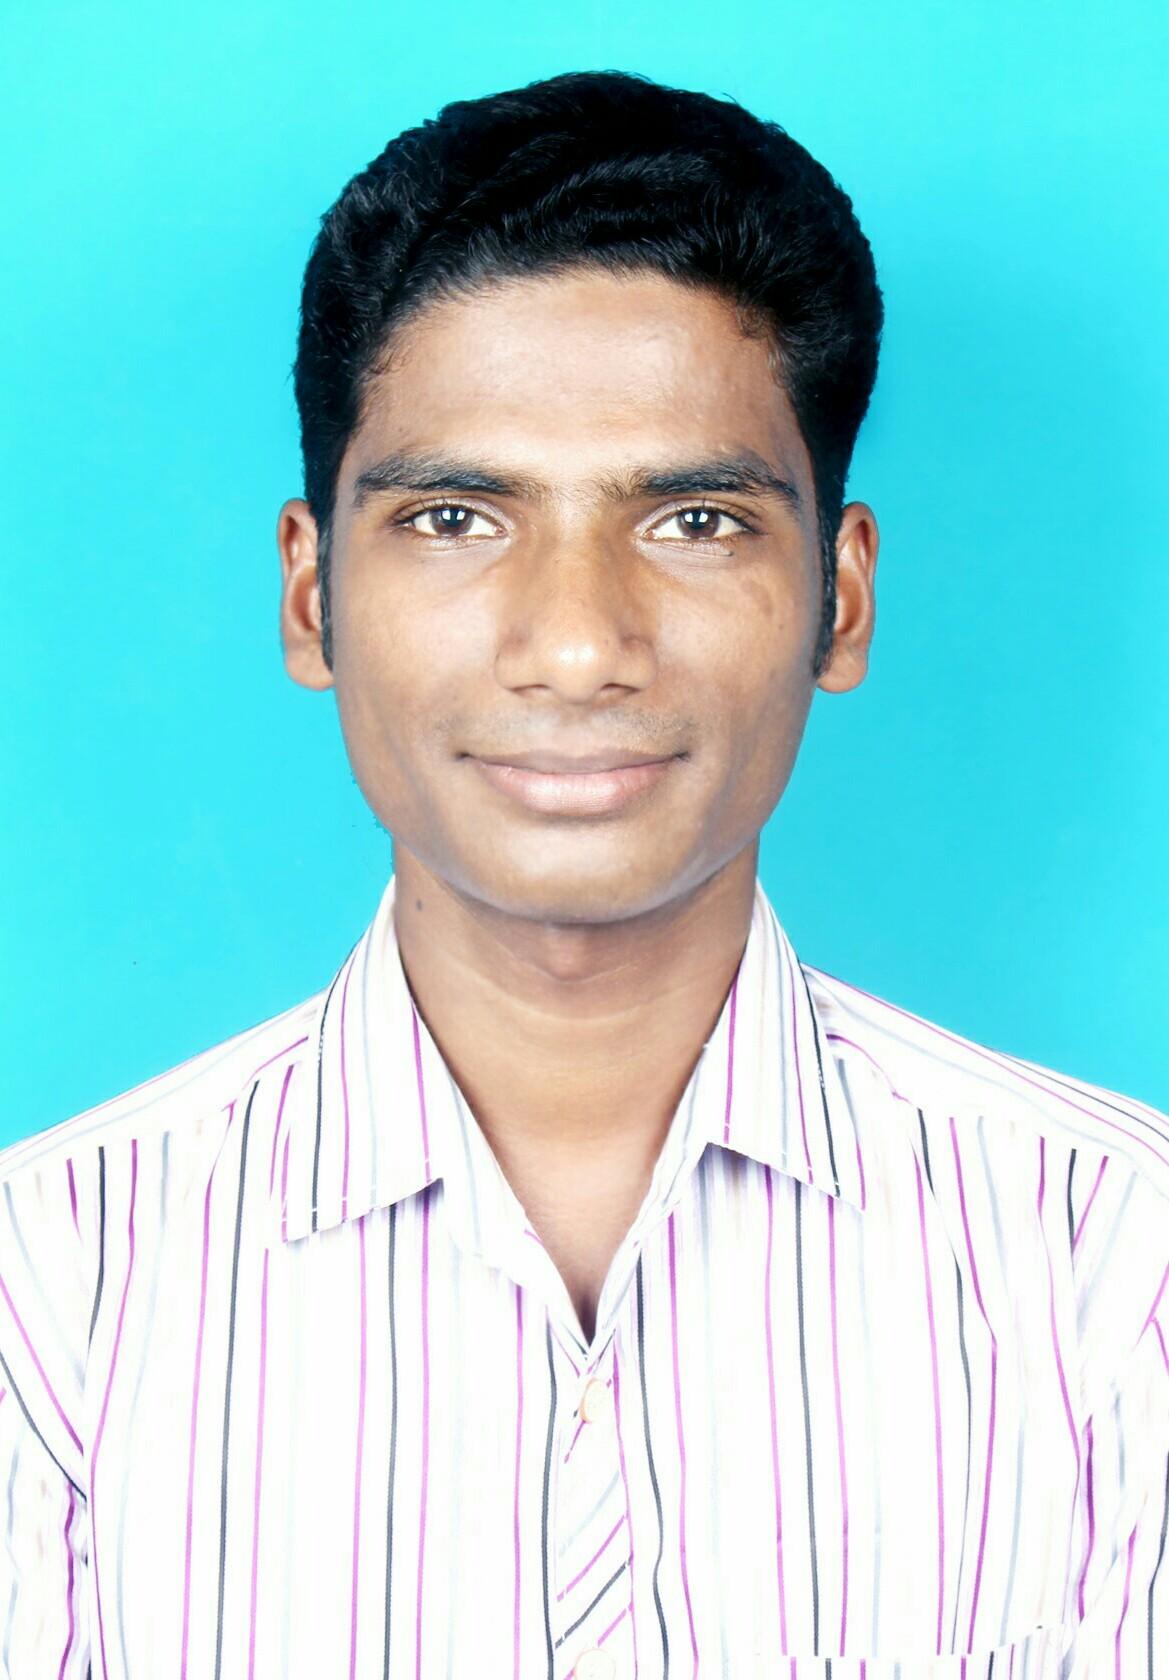 Mr. Sanyasi Pradhan